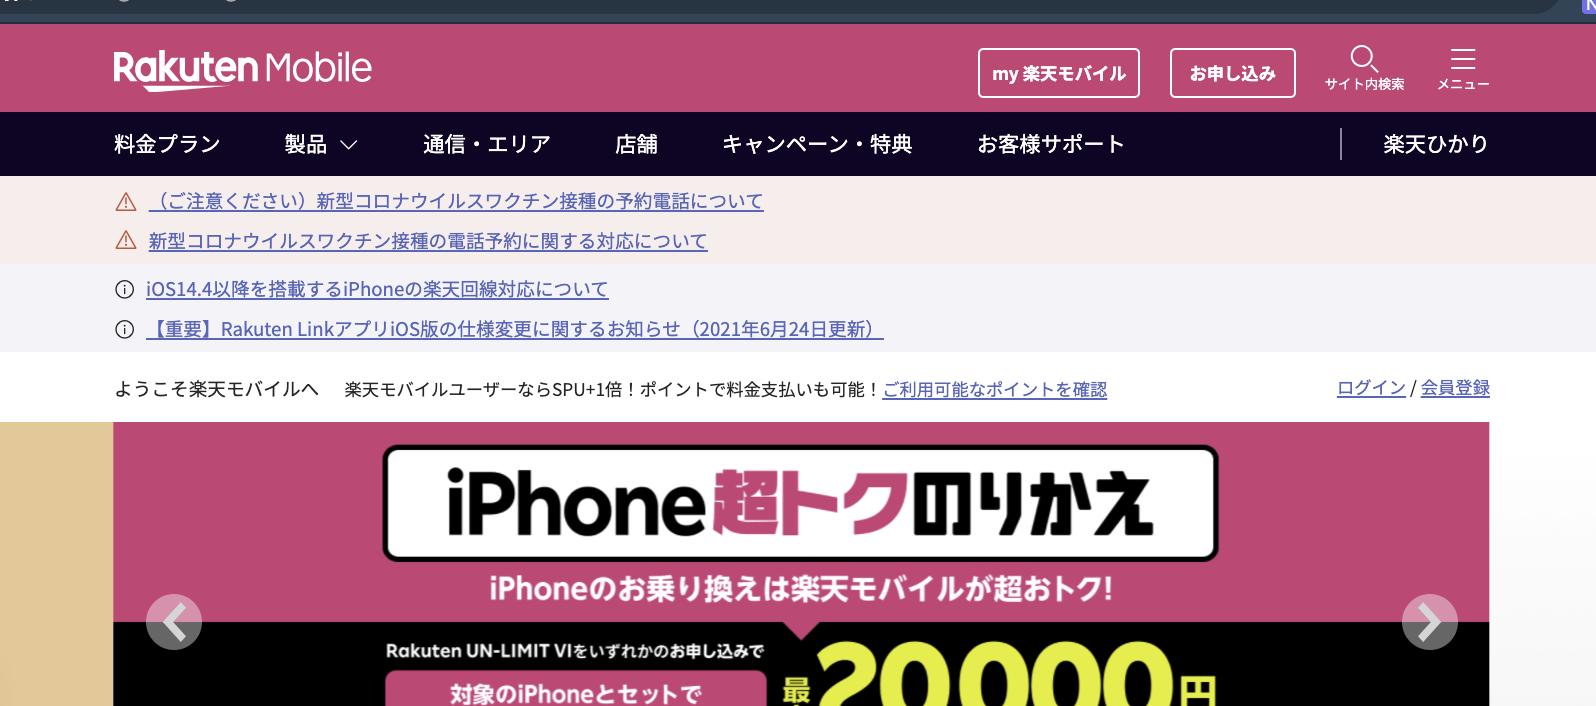 【レビュー】iPhoneXRで楽天モバイルに乗り換えて使ってみた!